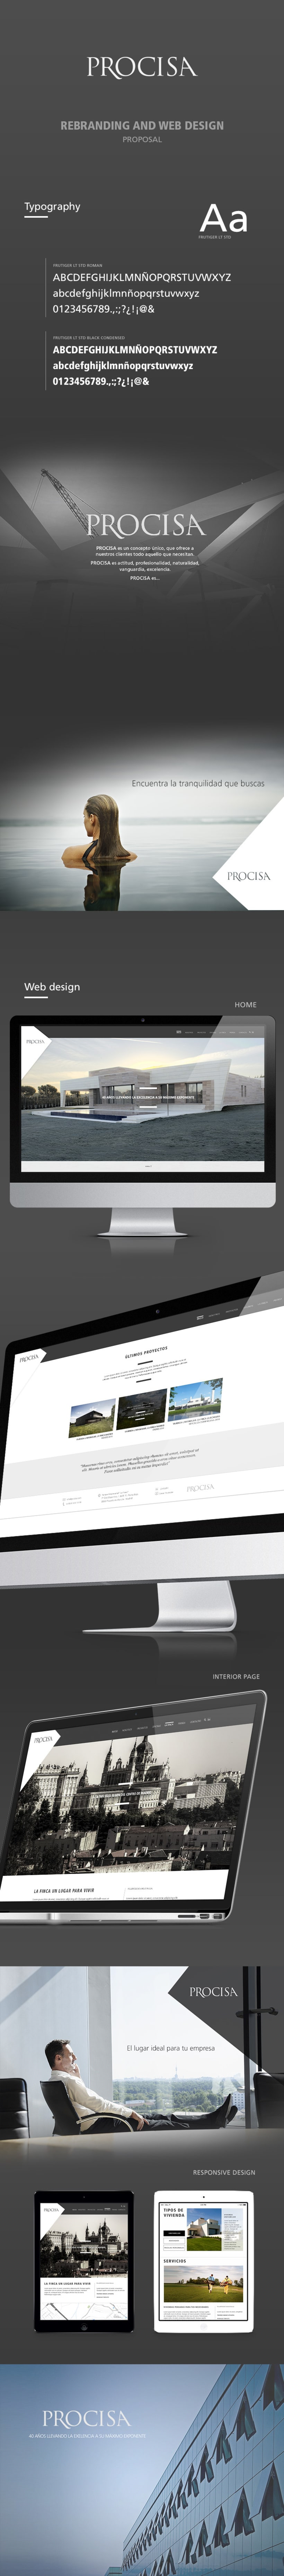 PROCISA | Rebranding & Diseño Web -1